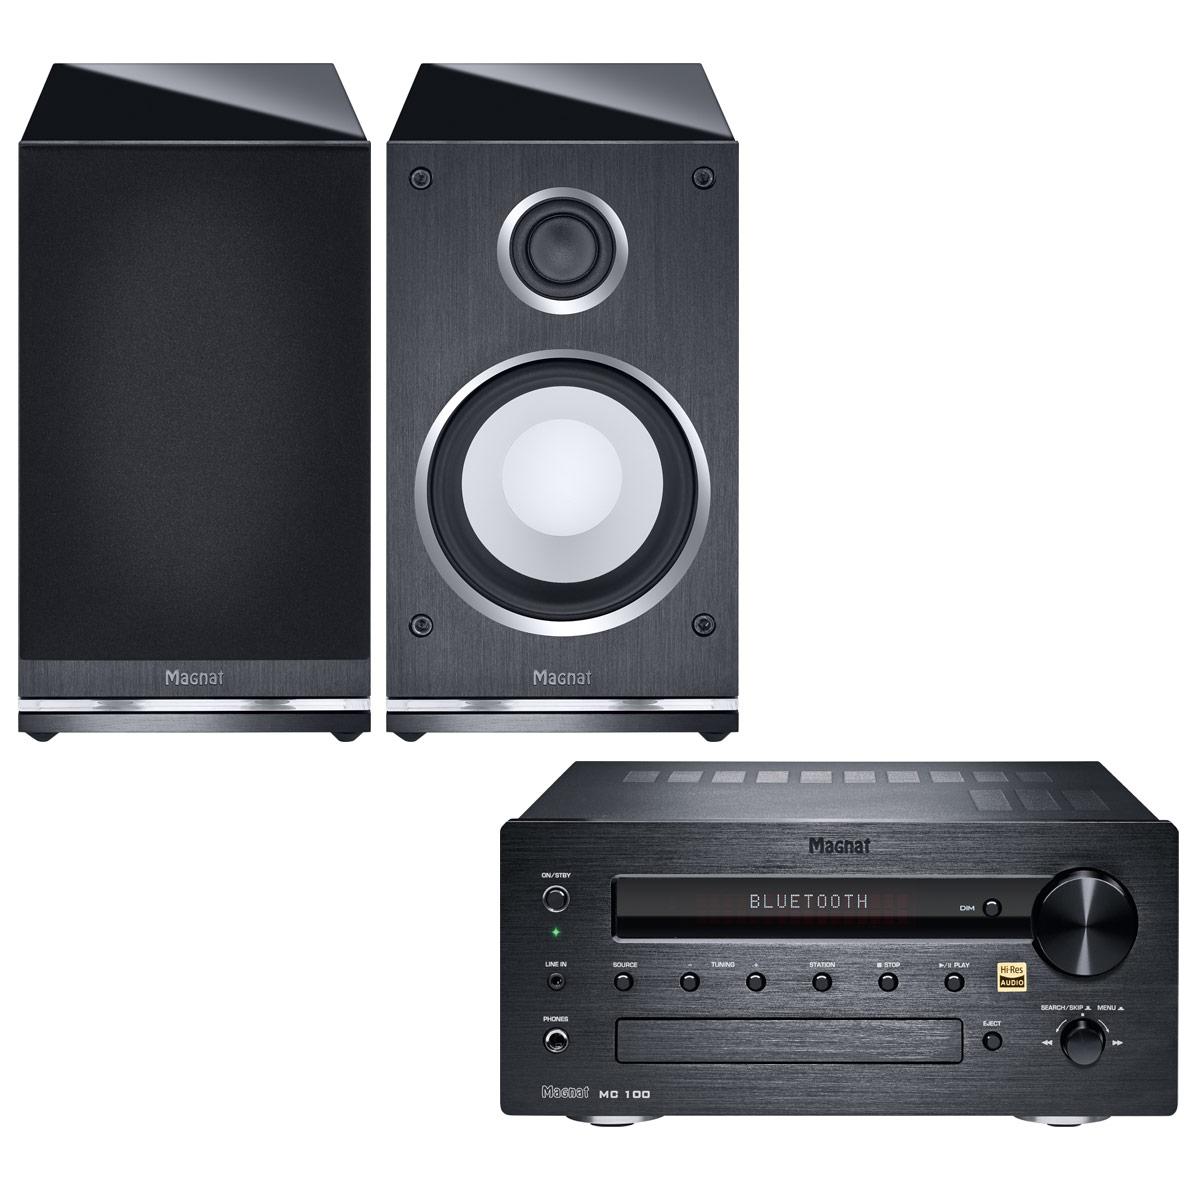 Chaîne Hifi Magnat MC 100 + Quantum Edelstein Micro-chaîne 2 x 35 Watts - Lecteur CD/MP3 - Tuner FM/DAB+ - Hi-Res Audio - Bluetooth aptX + Enceinte bibliothèque (par paire)